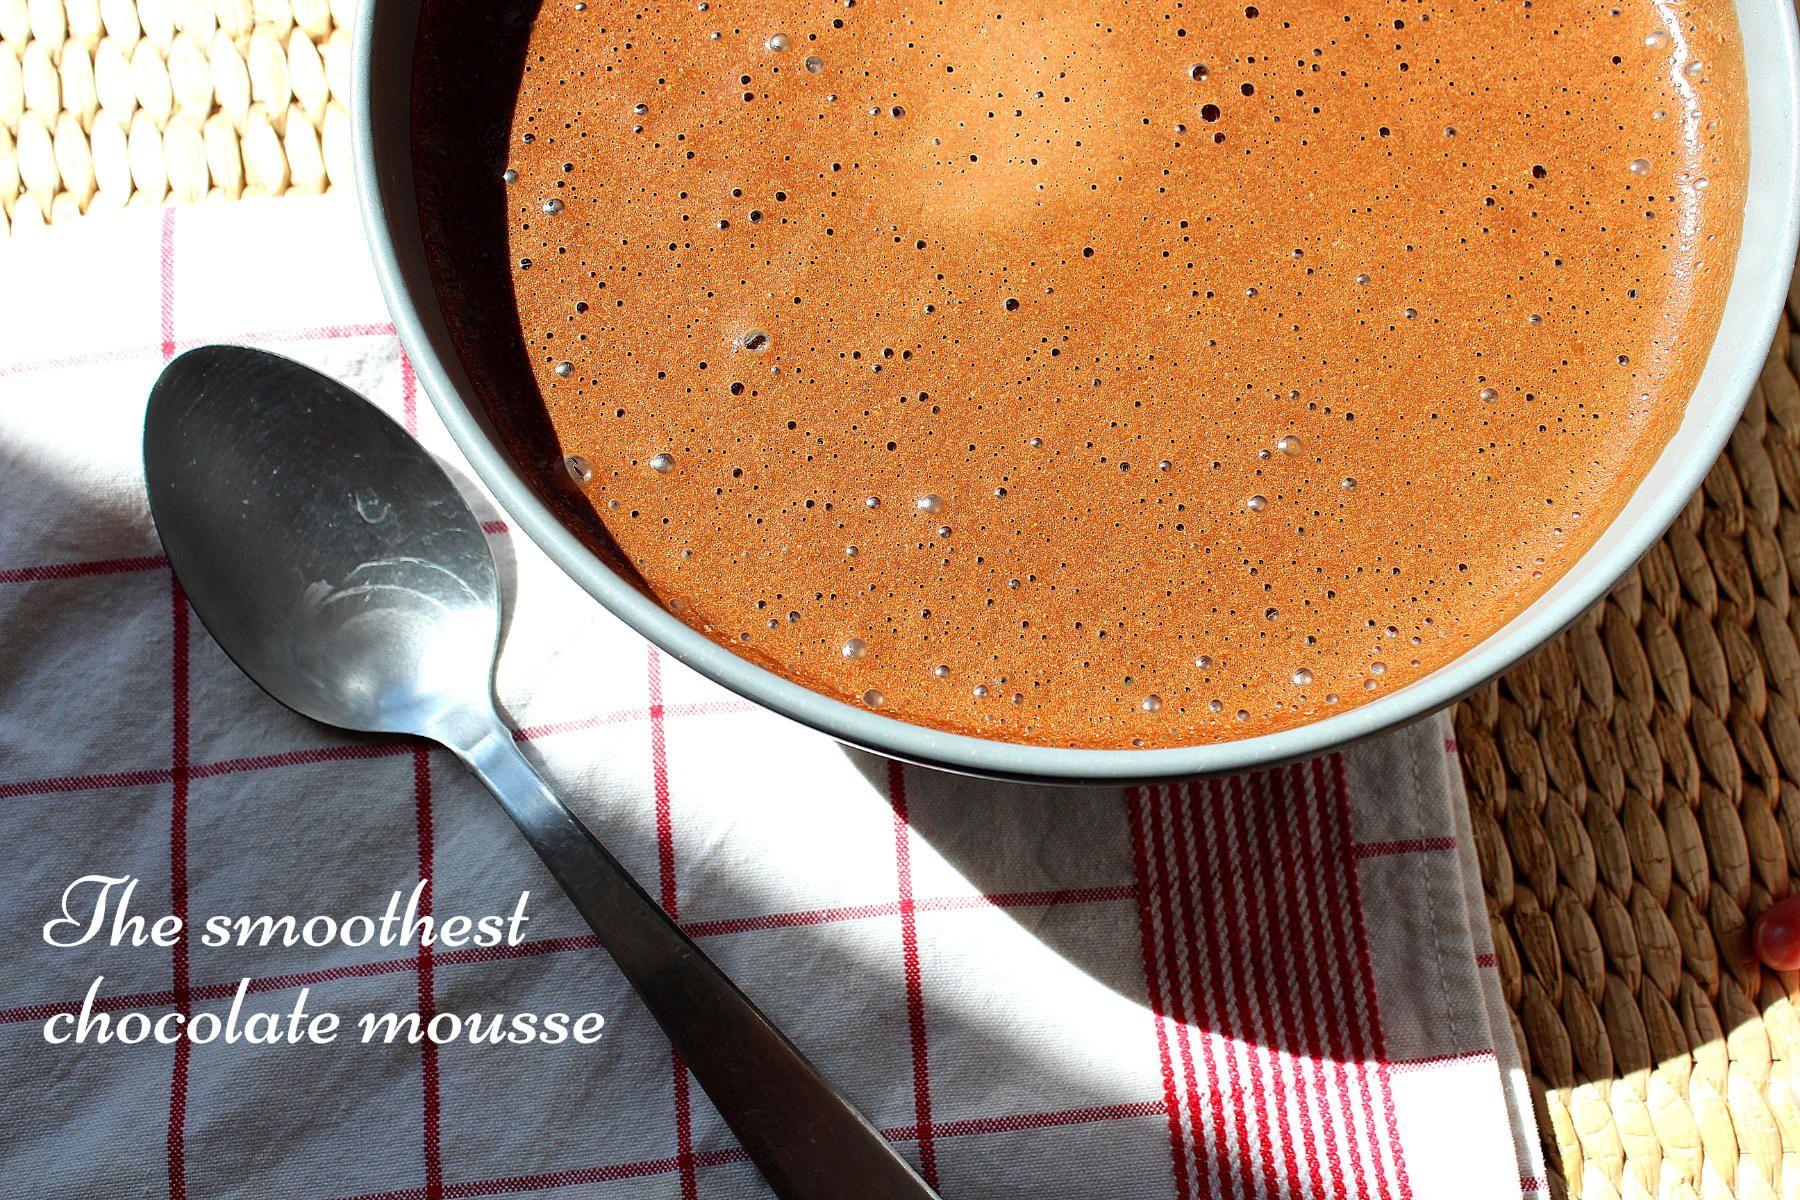 Mousse au chocolat super onctueuse